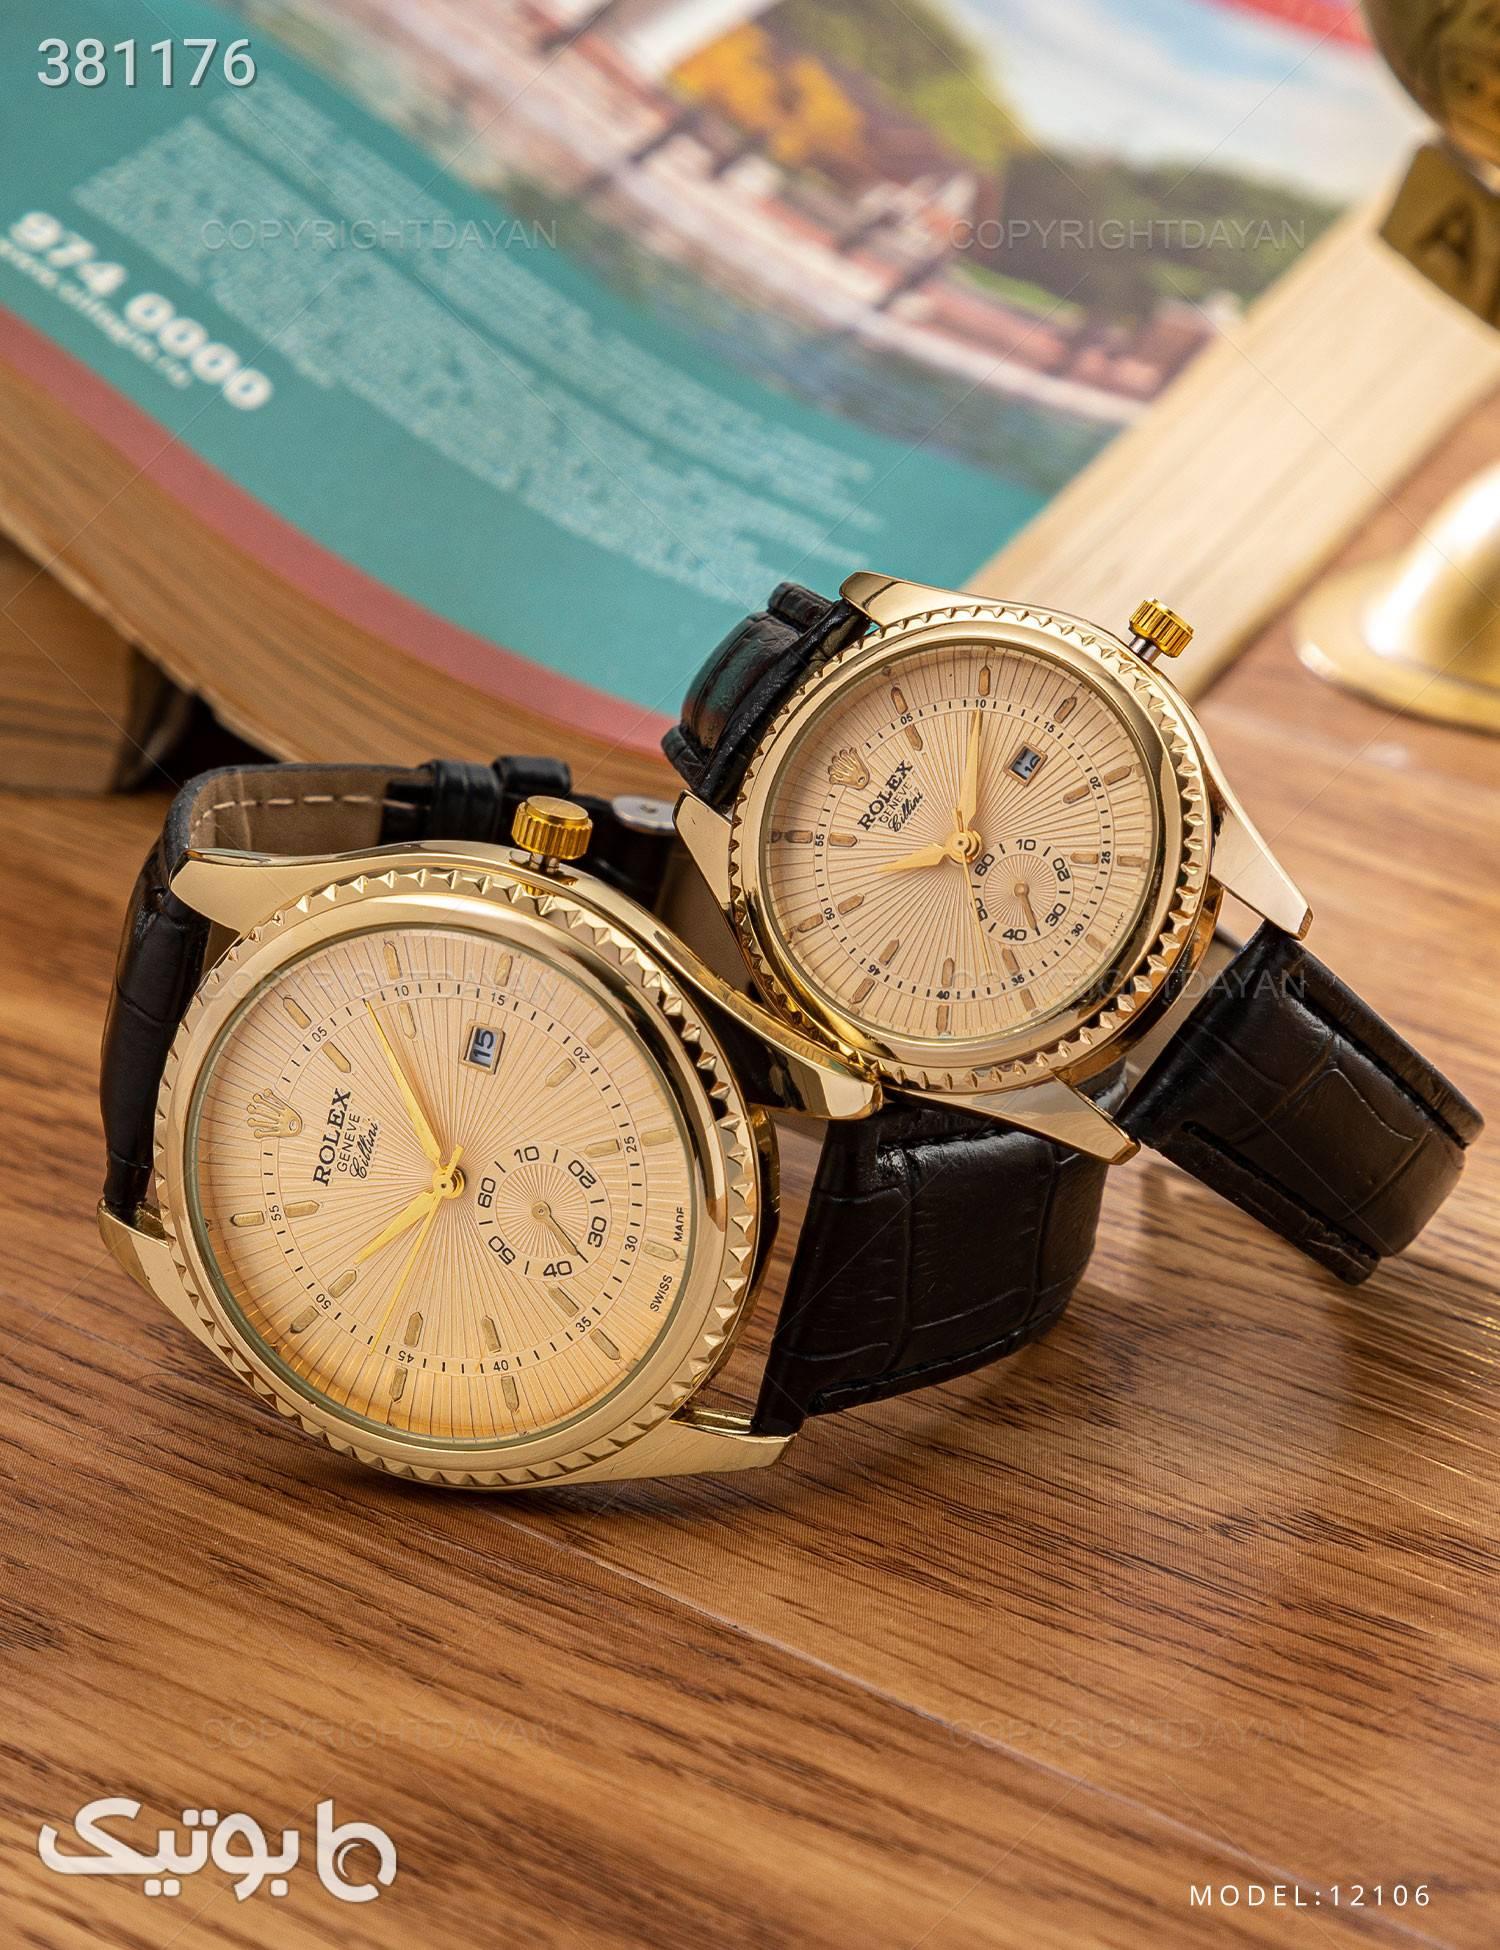 ست ساعت مچی Rolex مدل 12106 طلایی ساعت